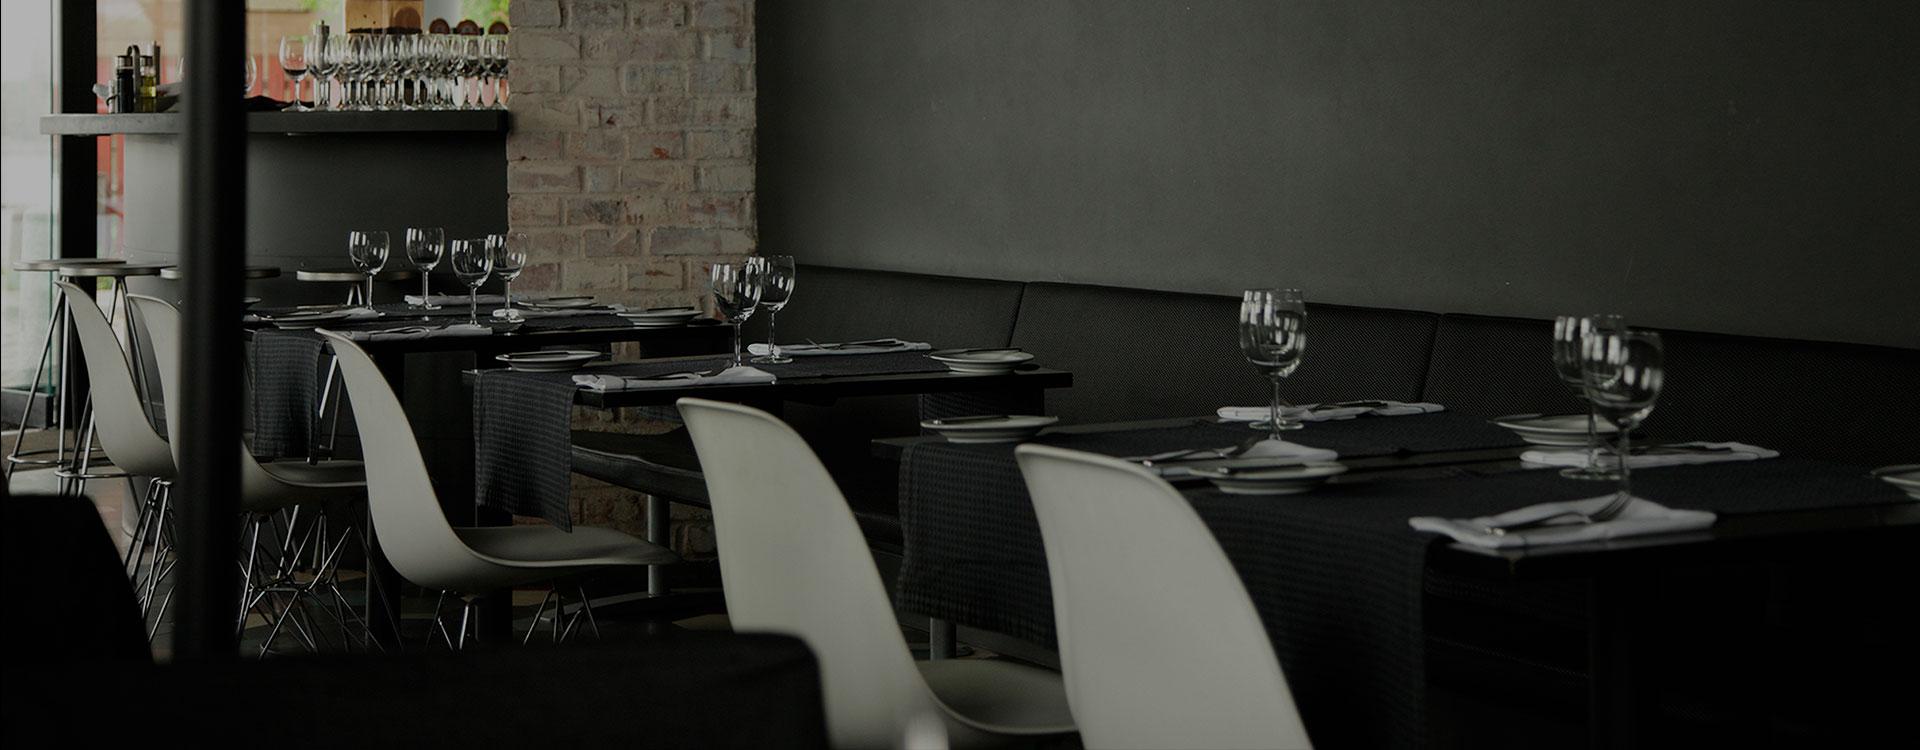 Cuidados na hora de planejar o seu restaurante